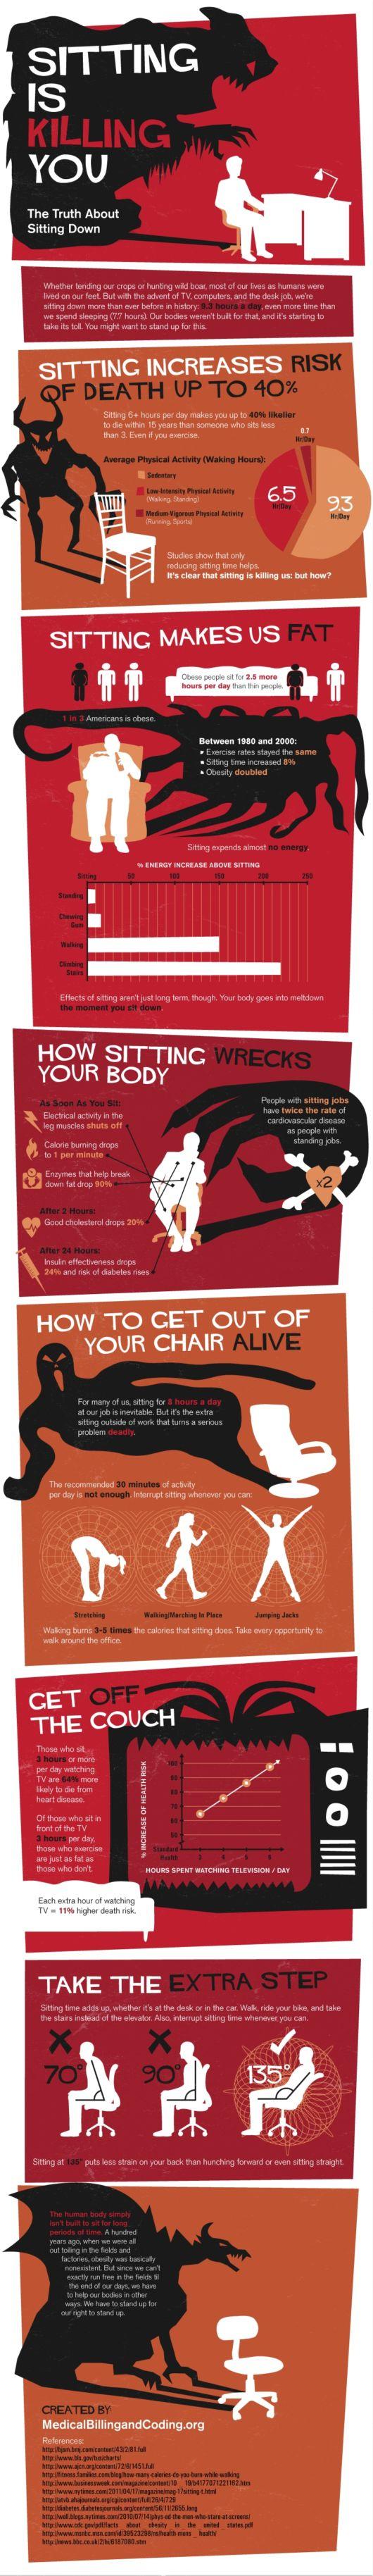 ریسک نشستن